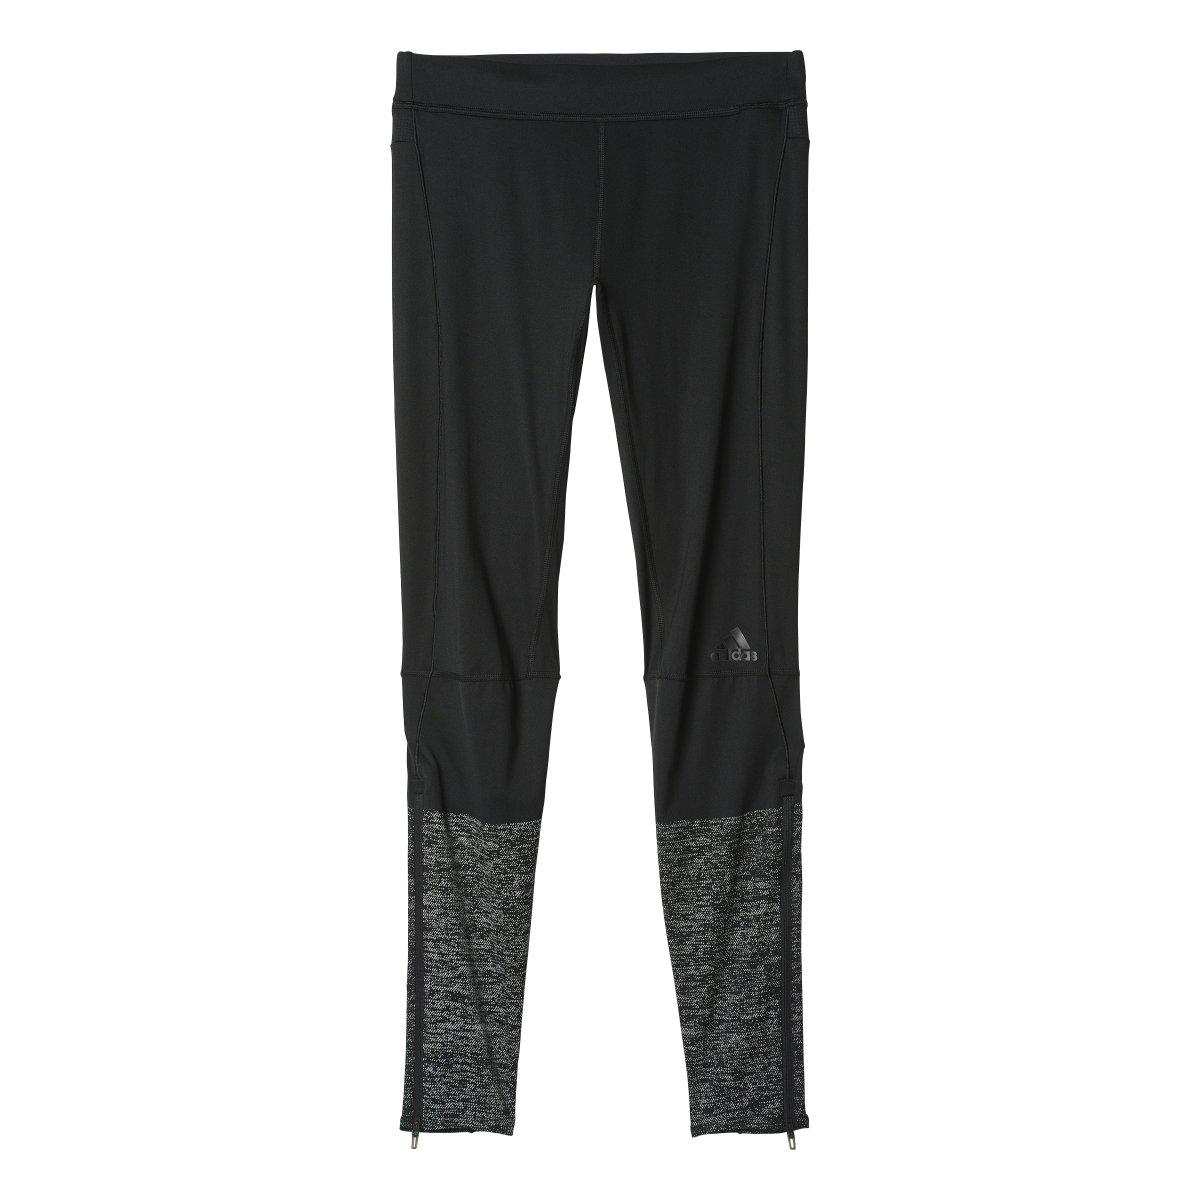 adidas Men's Running Supernova Long Tights, Medium, Black